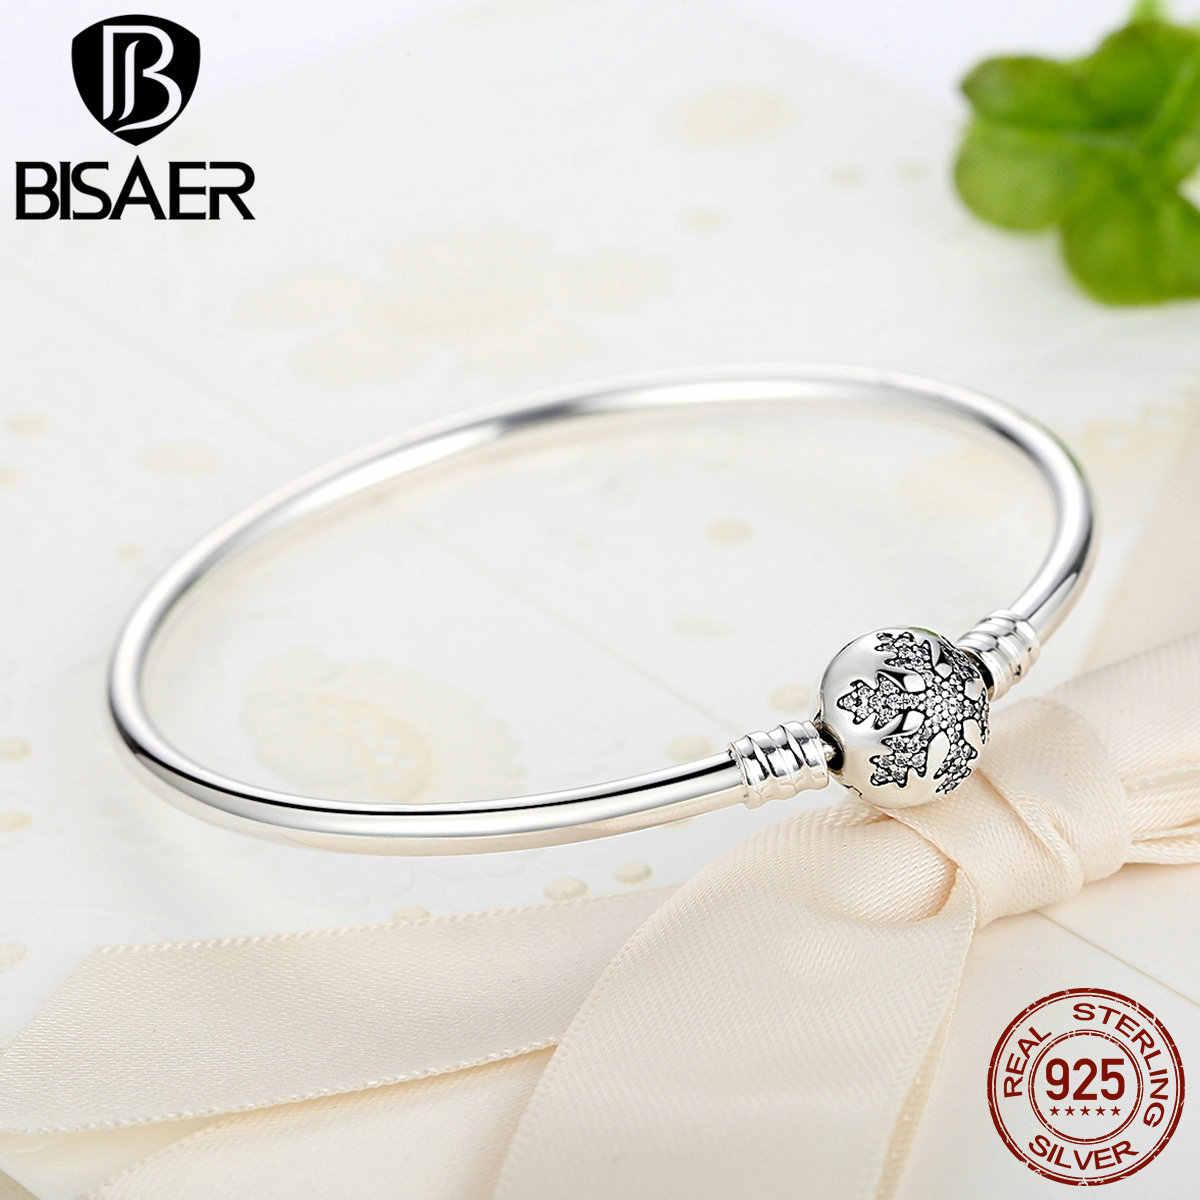 BISAER 925 srebro Pulseira Snowflake bransoletki 925 serce wąż zapięcie łańcucha femme srebrna bransoletka dla kobiet biżuteria